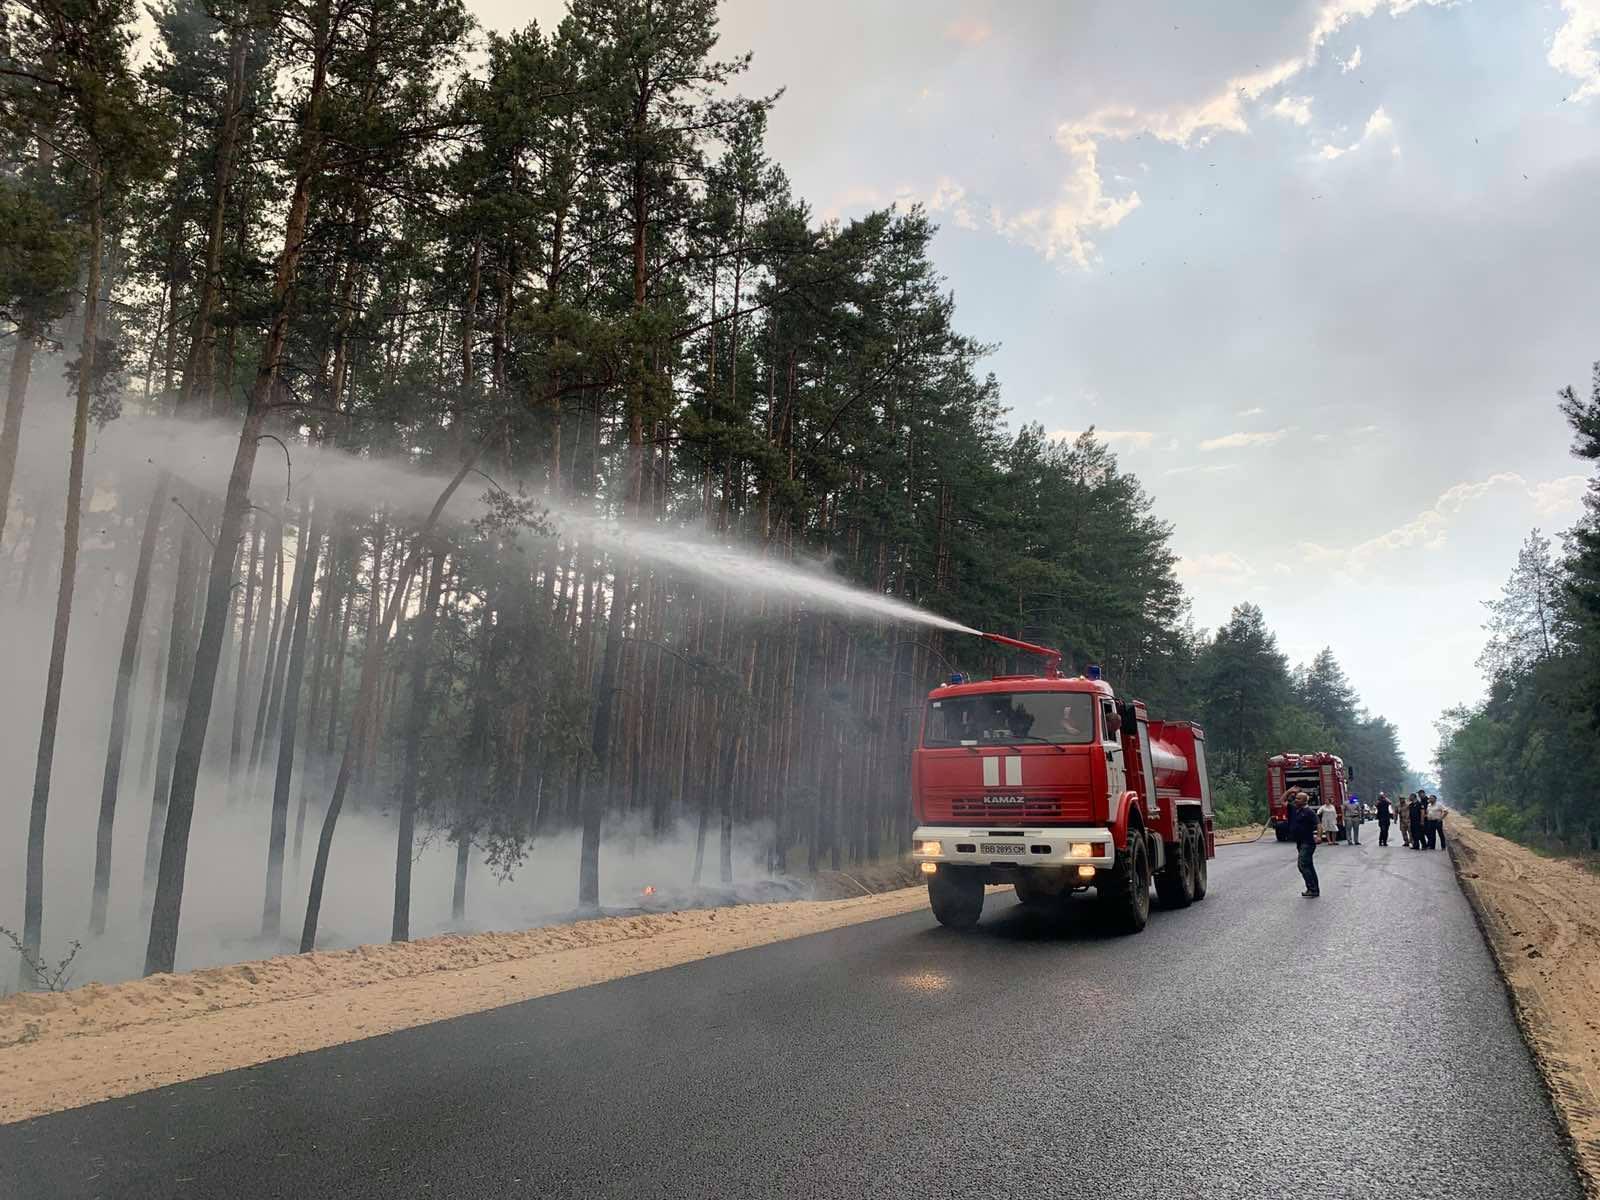 Пожары в Луганской области: устрашающие фото масштабного огня - фото 5